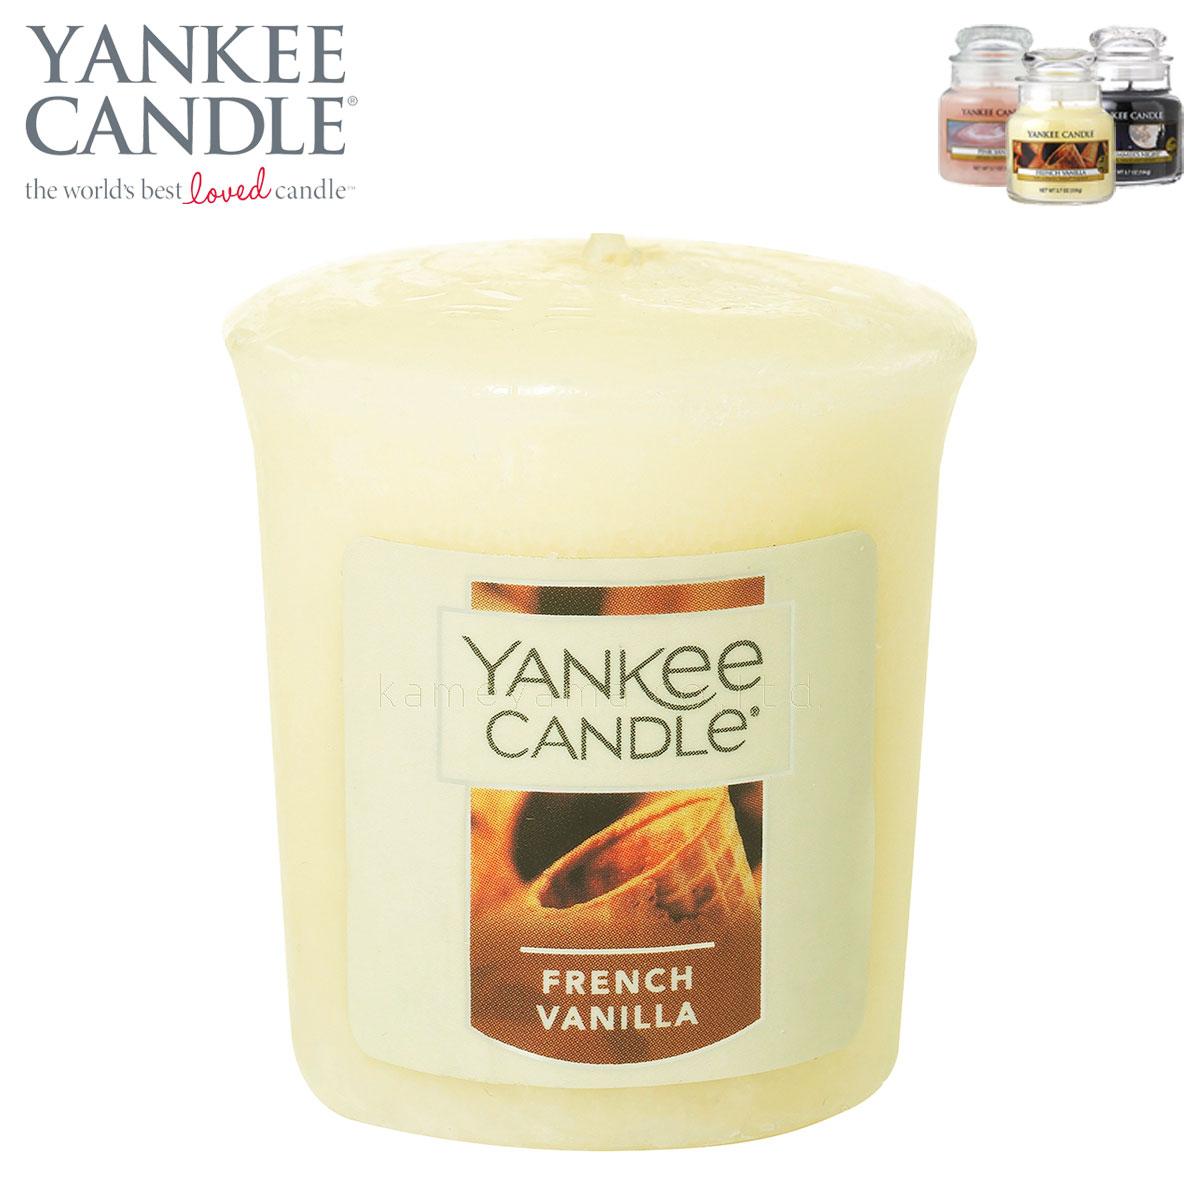 ヤンキーキャンドル YANKEE CANDLE 正規販売店 YCサンプラー フレンチバニラ YK0010502 4901435938202 A49B B3C C9D D2E E00F